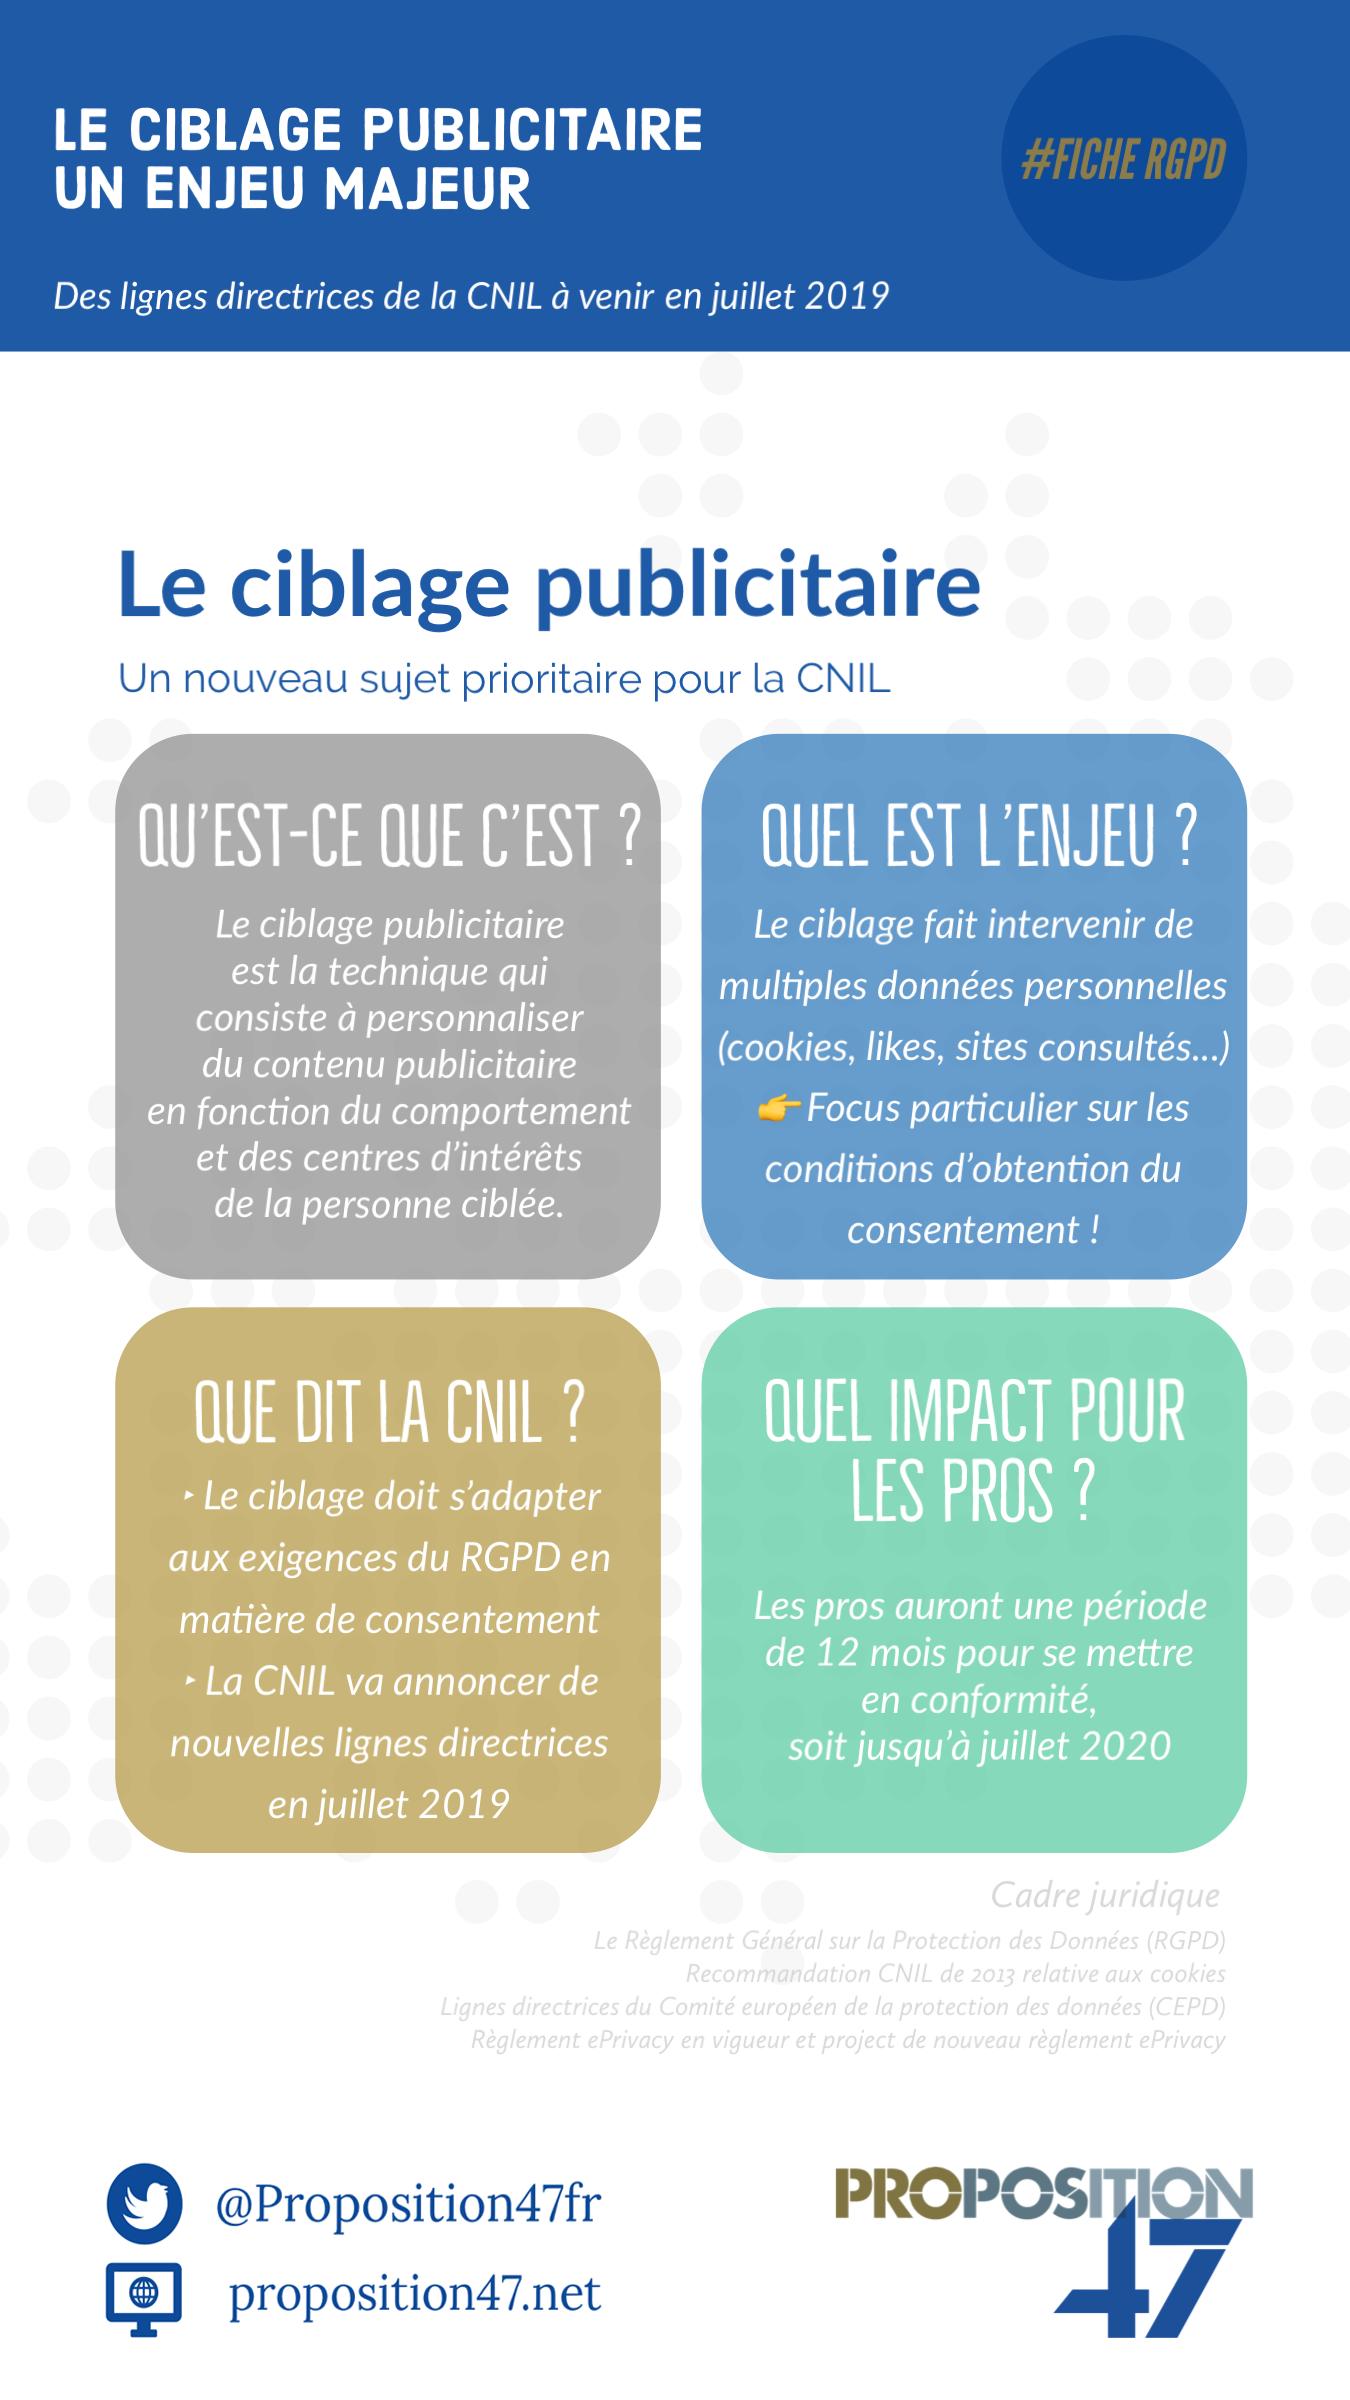 fiche-dpo-ciblage-publicitaire.png